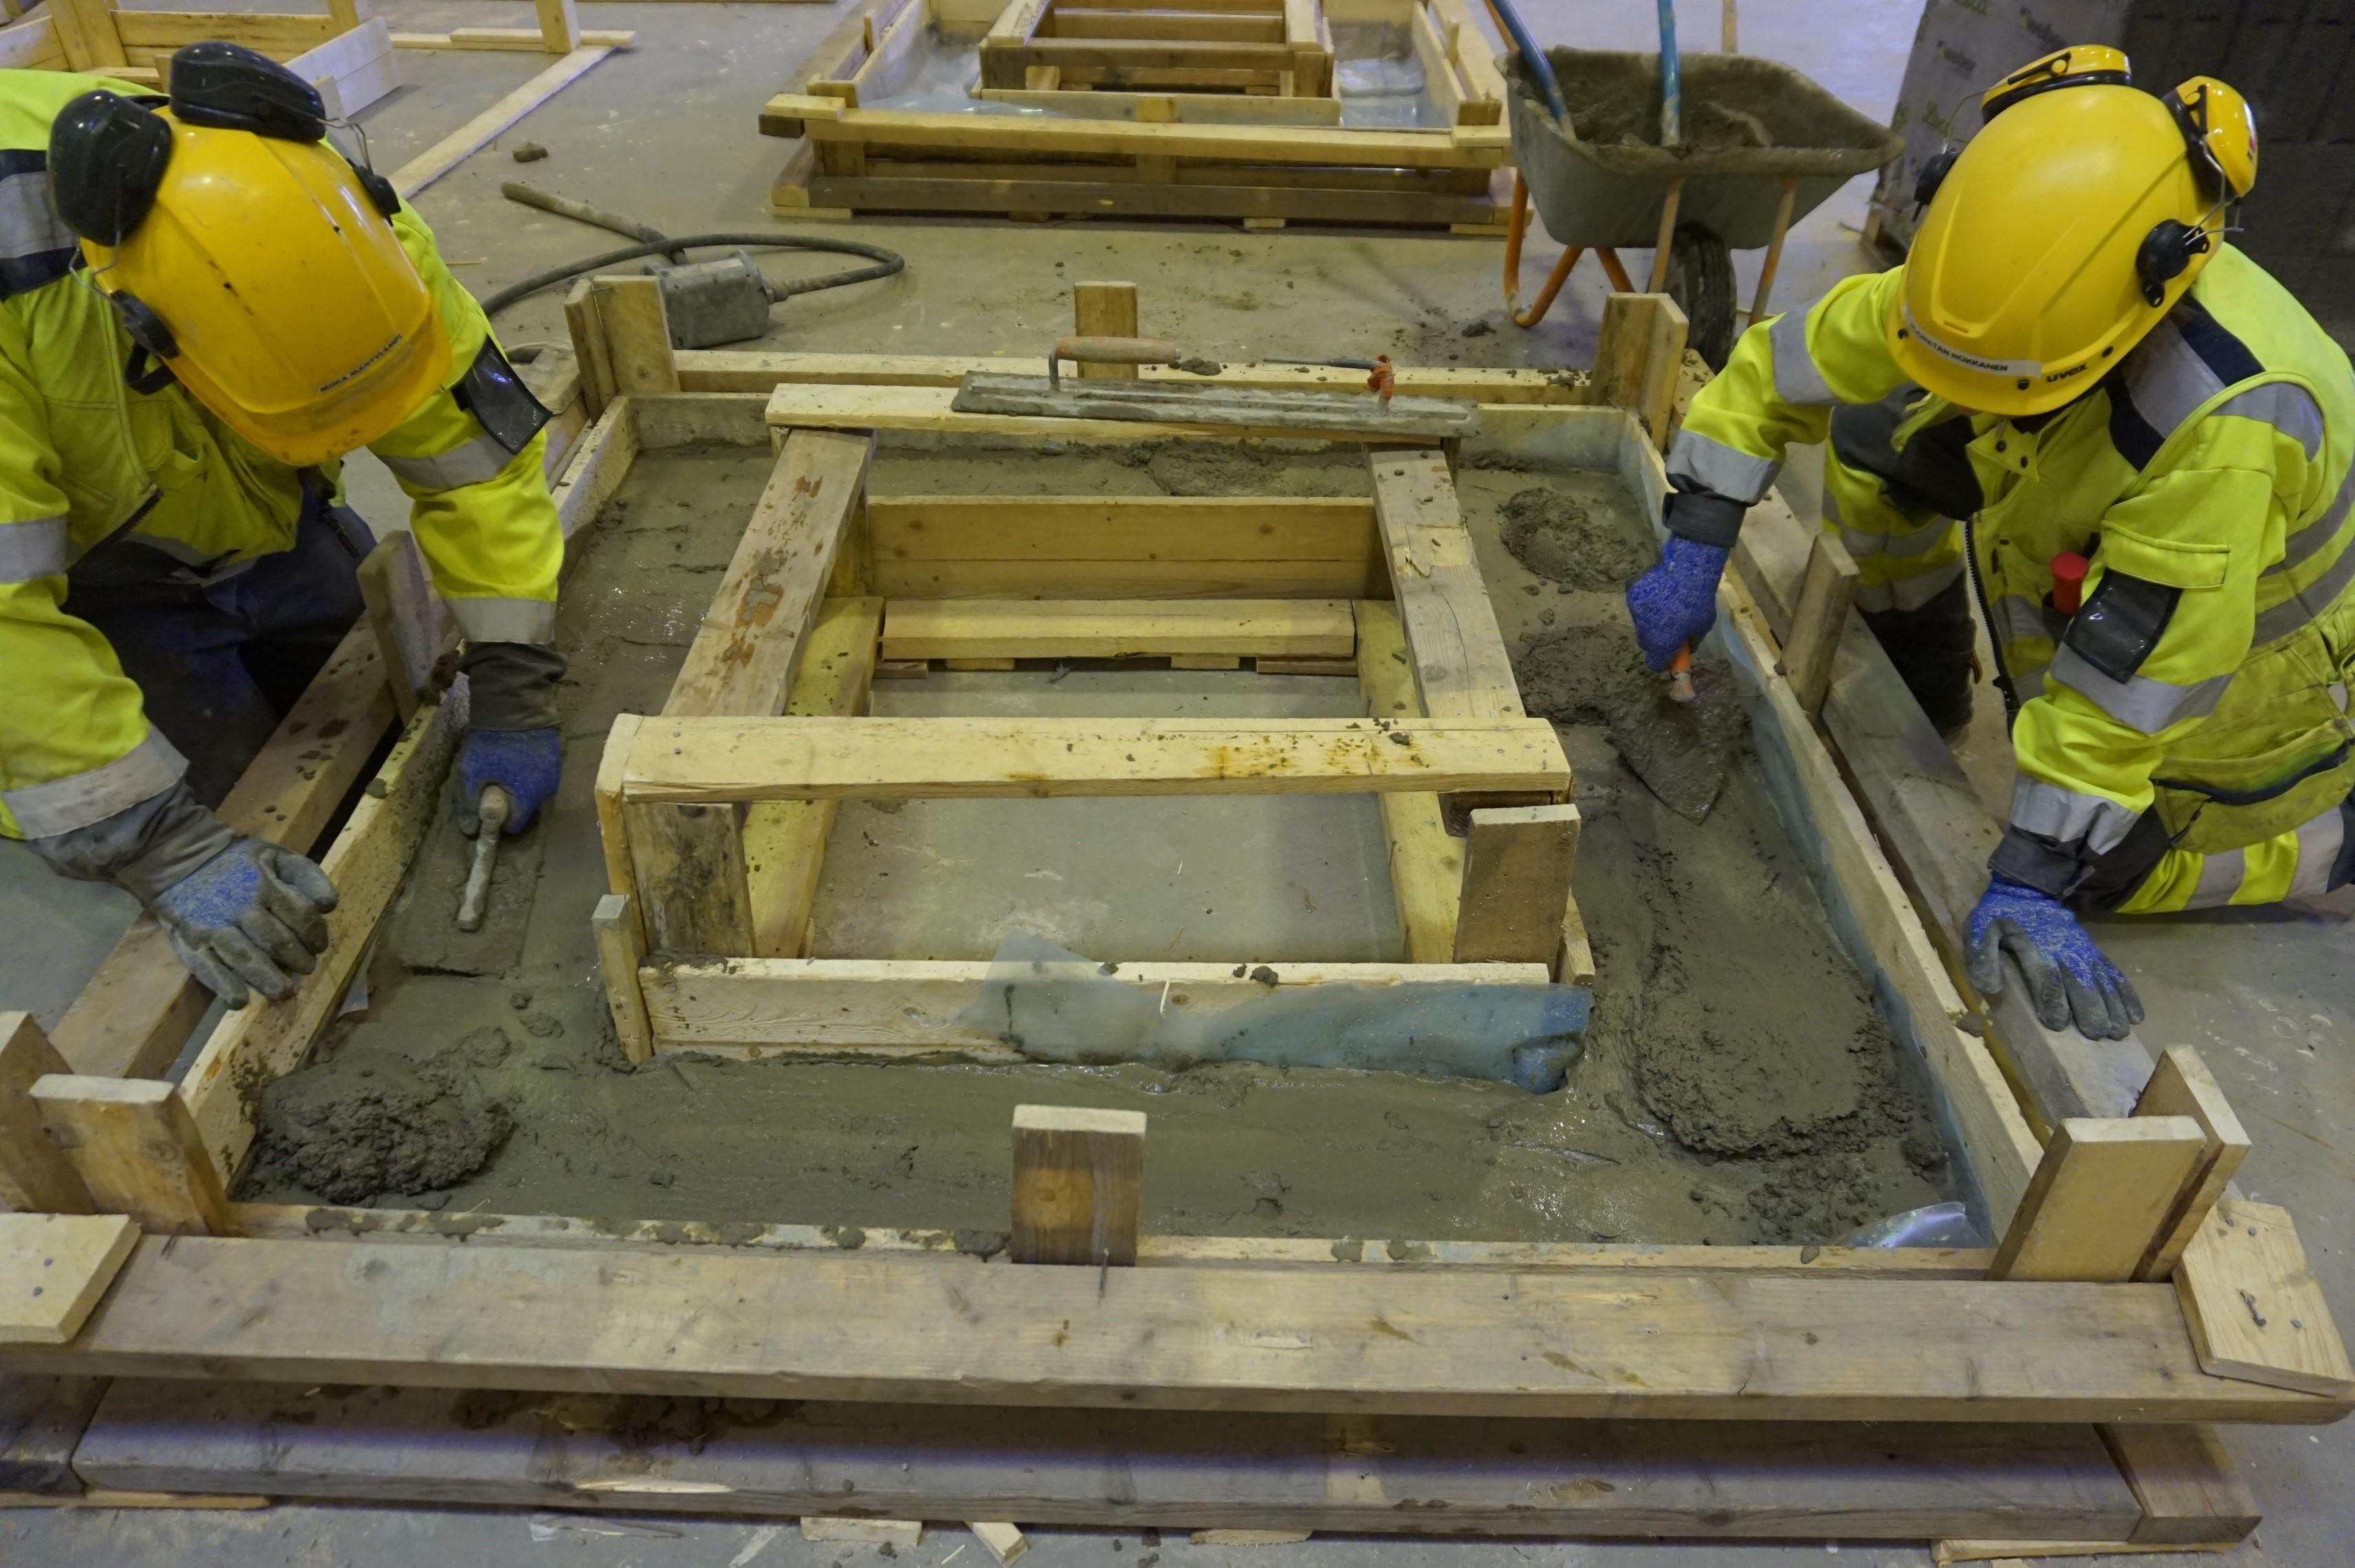 Anturavalun tasoittaminen on rakennuksen perustusvaiheen töitä.